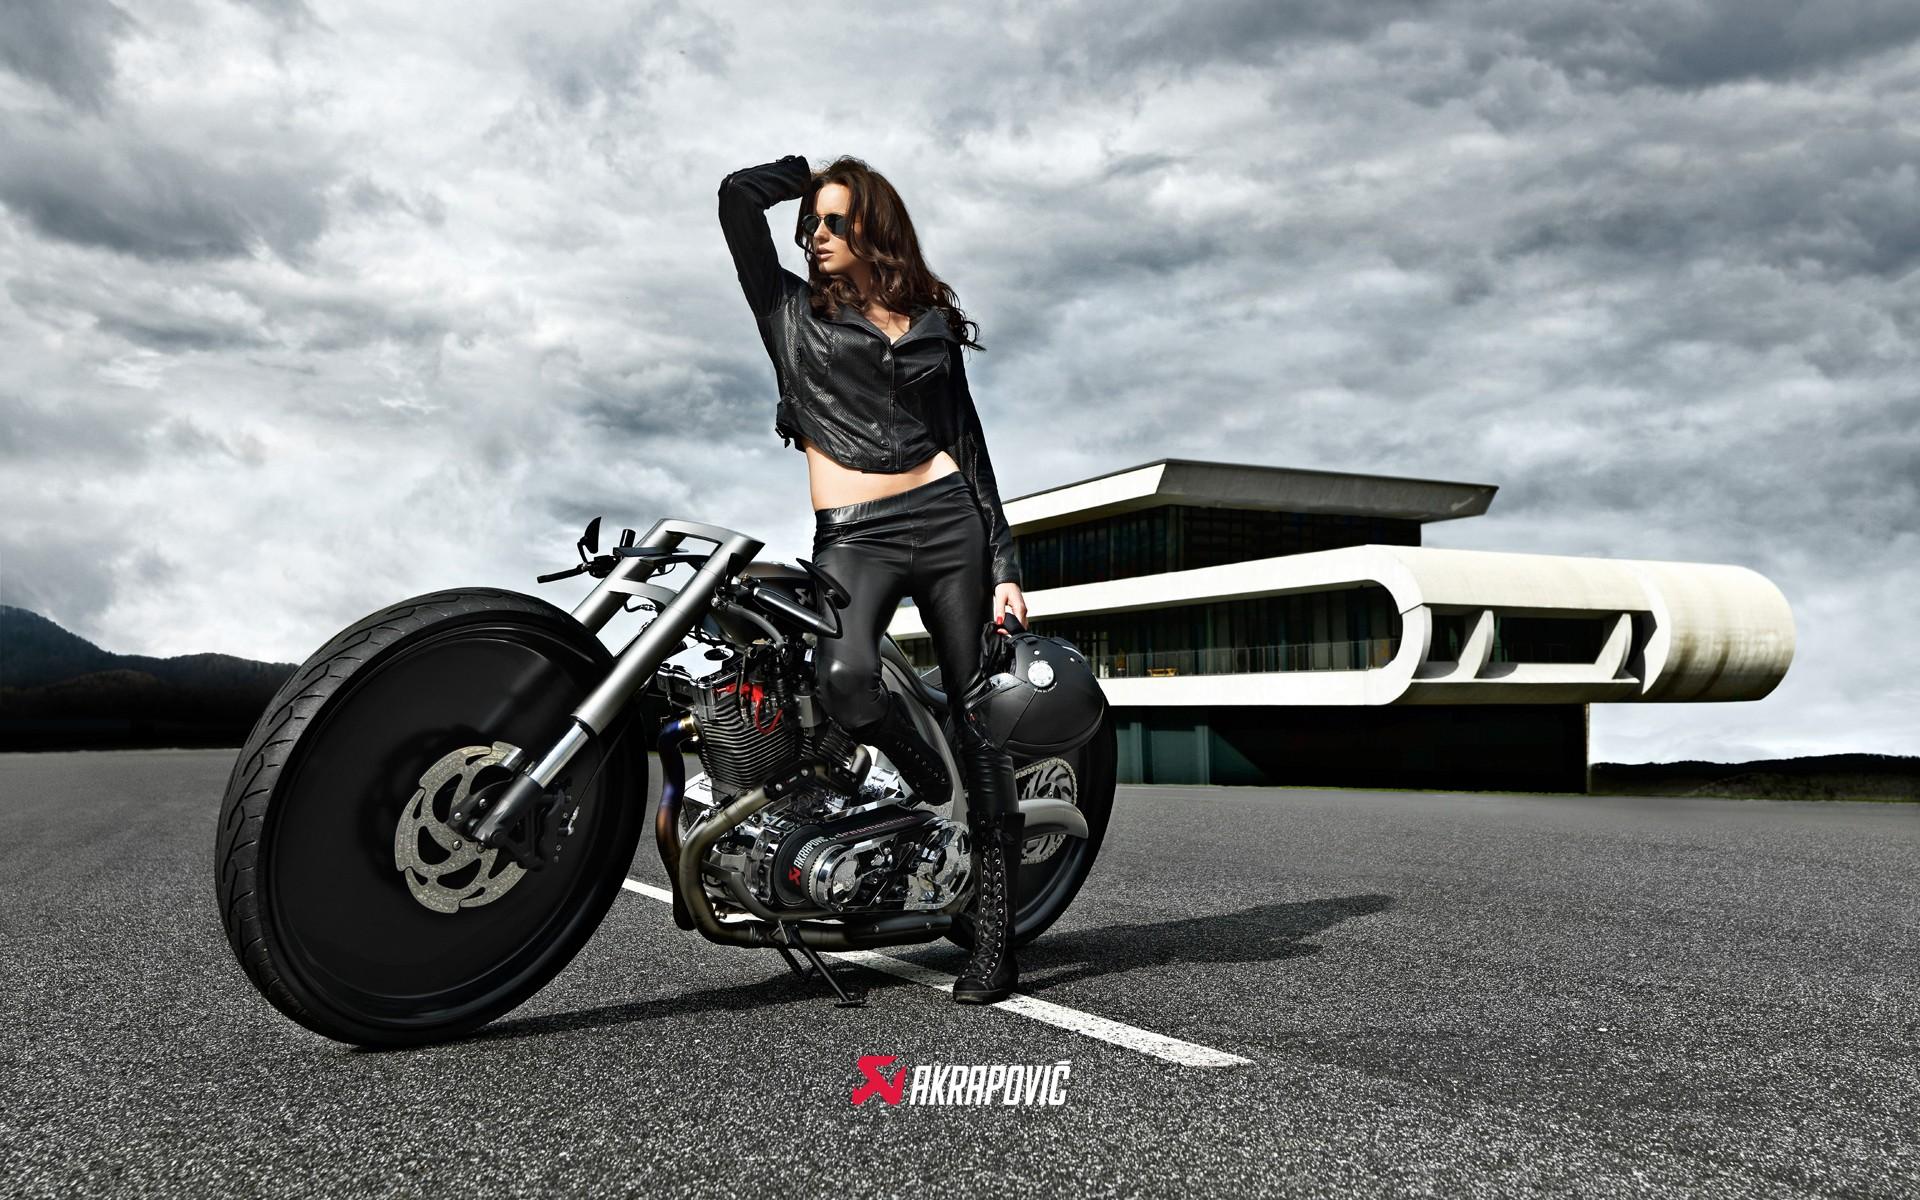 motosikletli kız